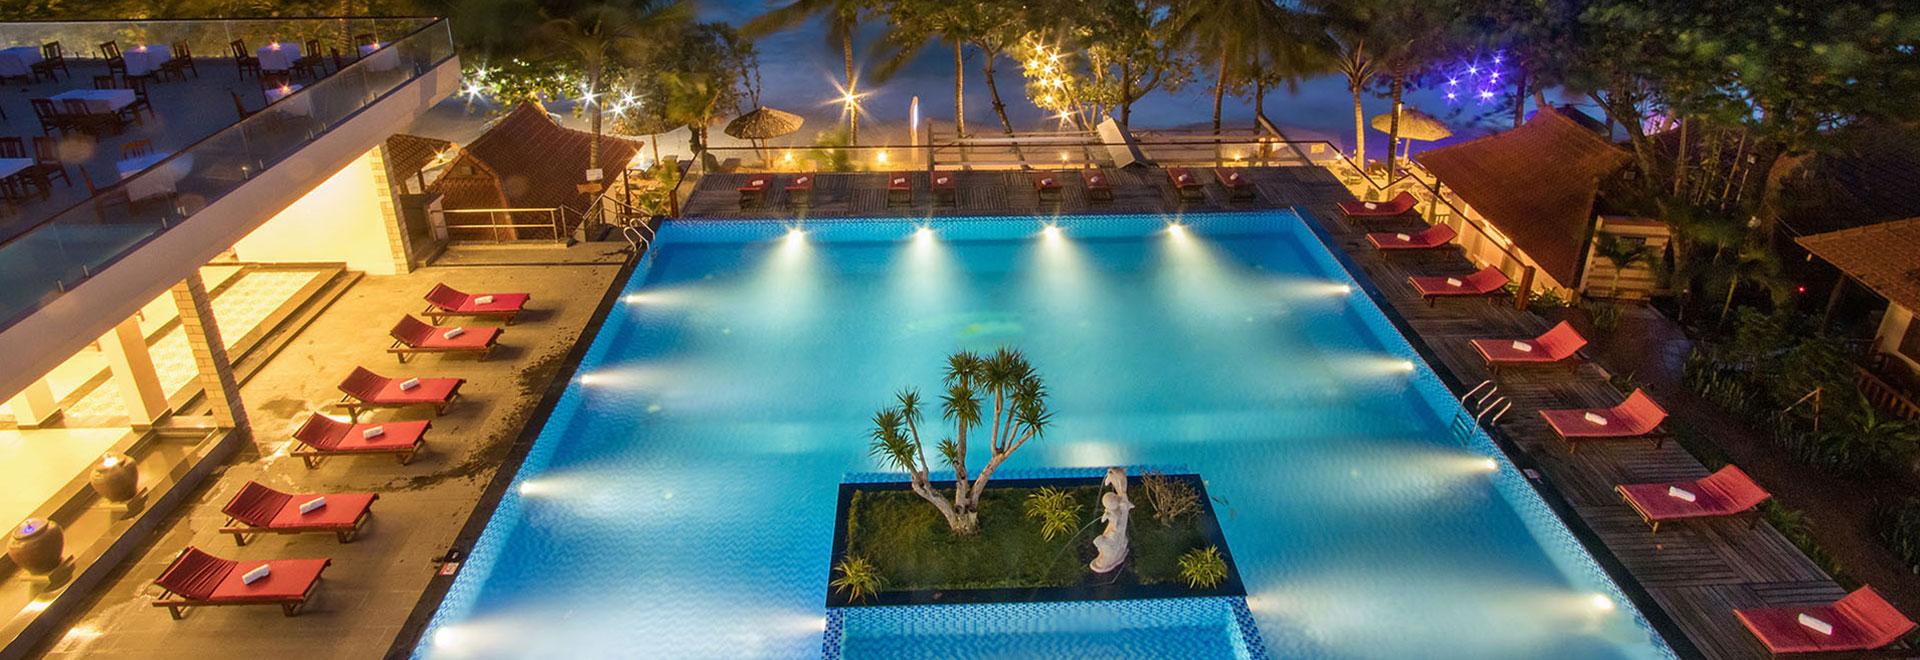 kim-hoa-resort-phu-quoc-5.jpg